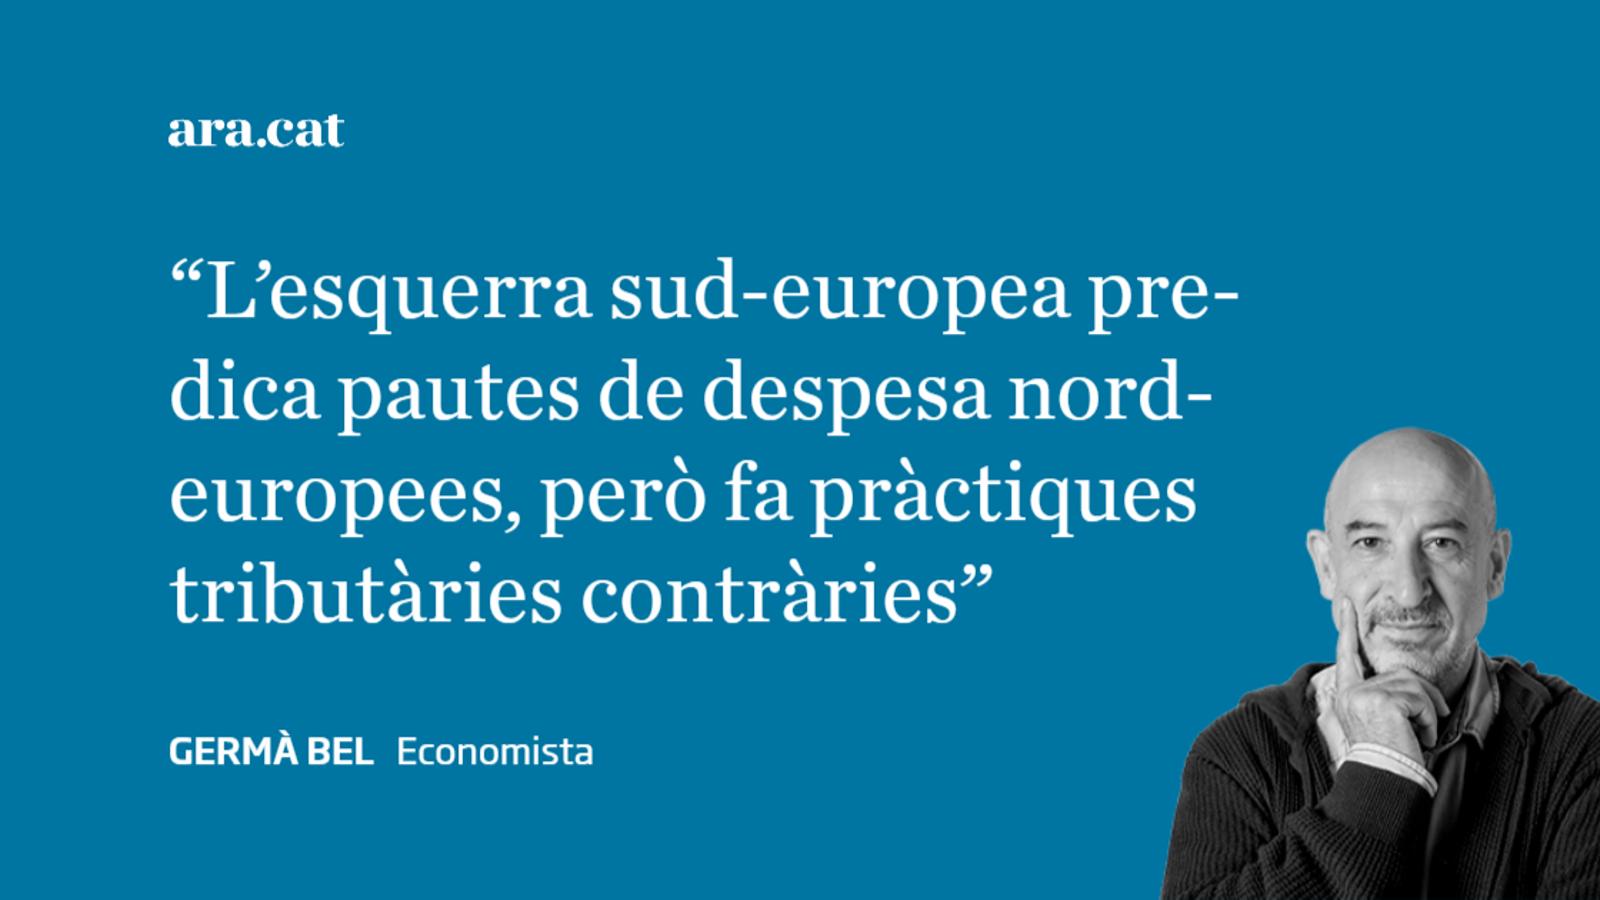 El bucle fiscal de l'esquerra sud-europea